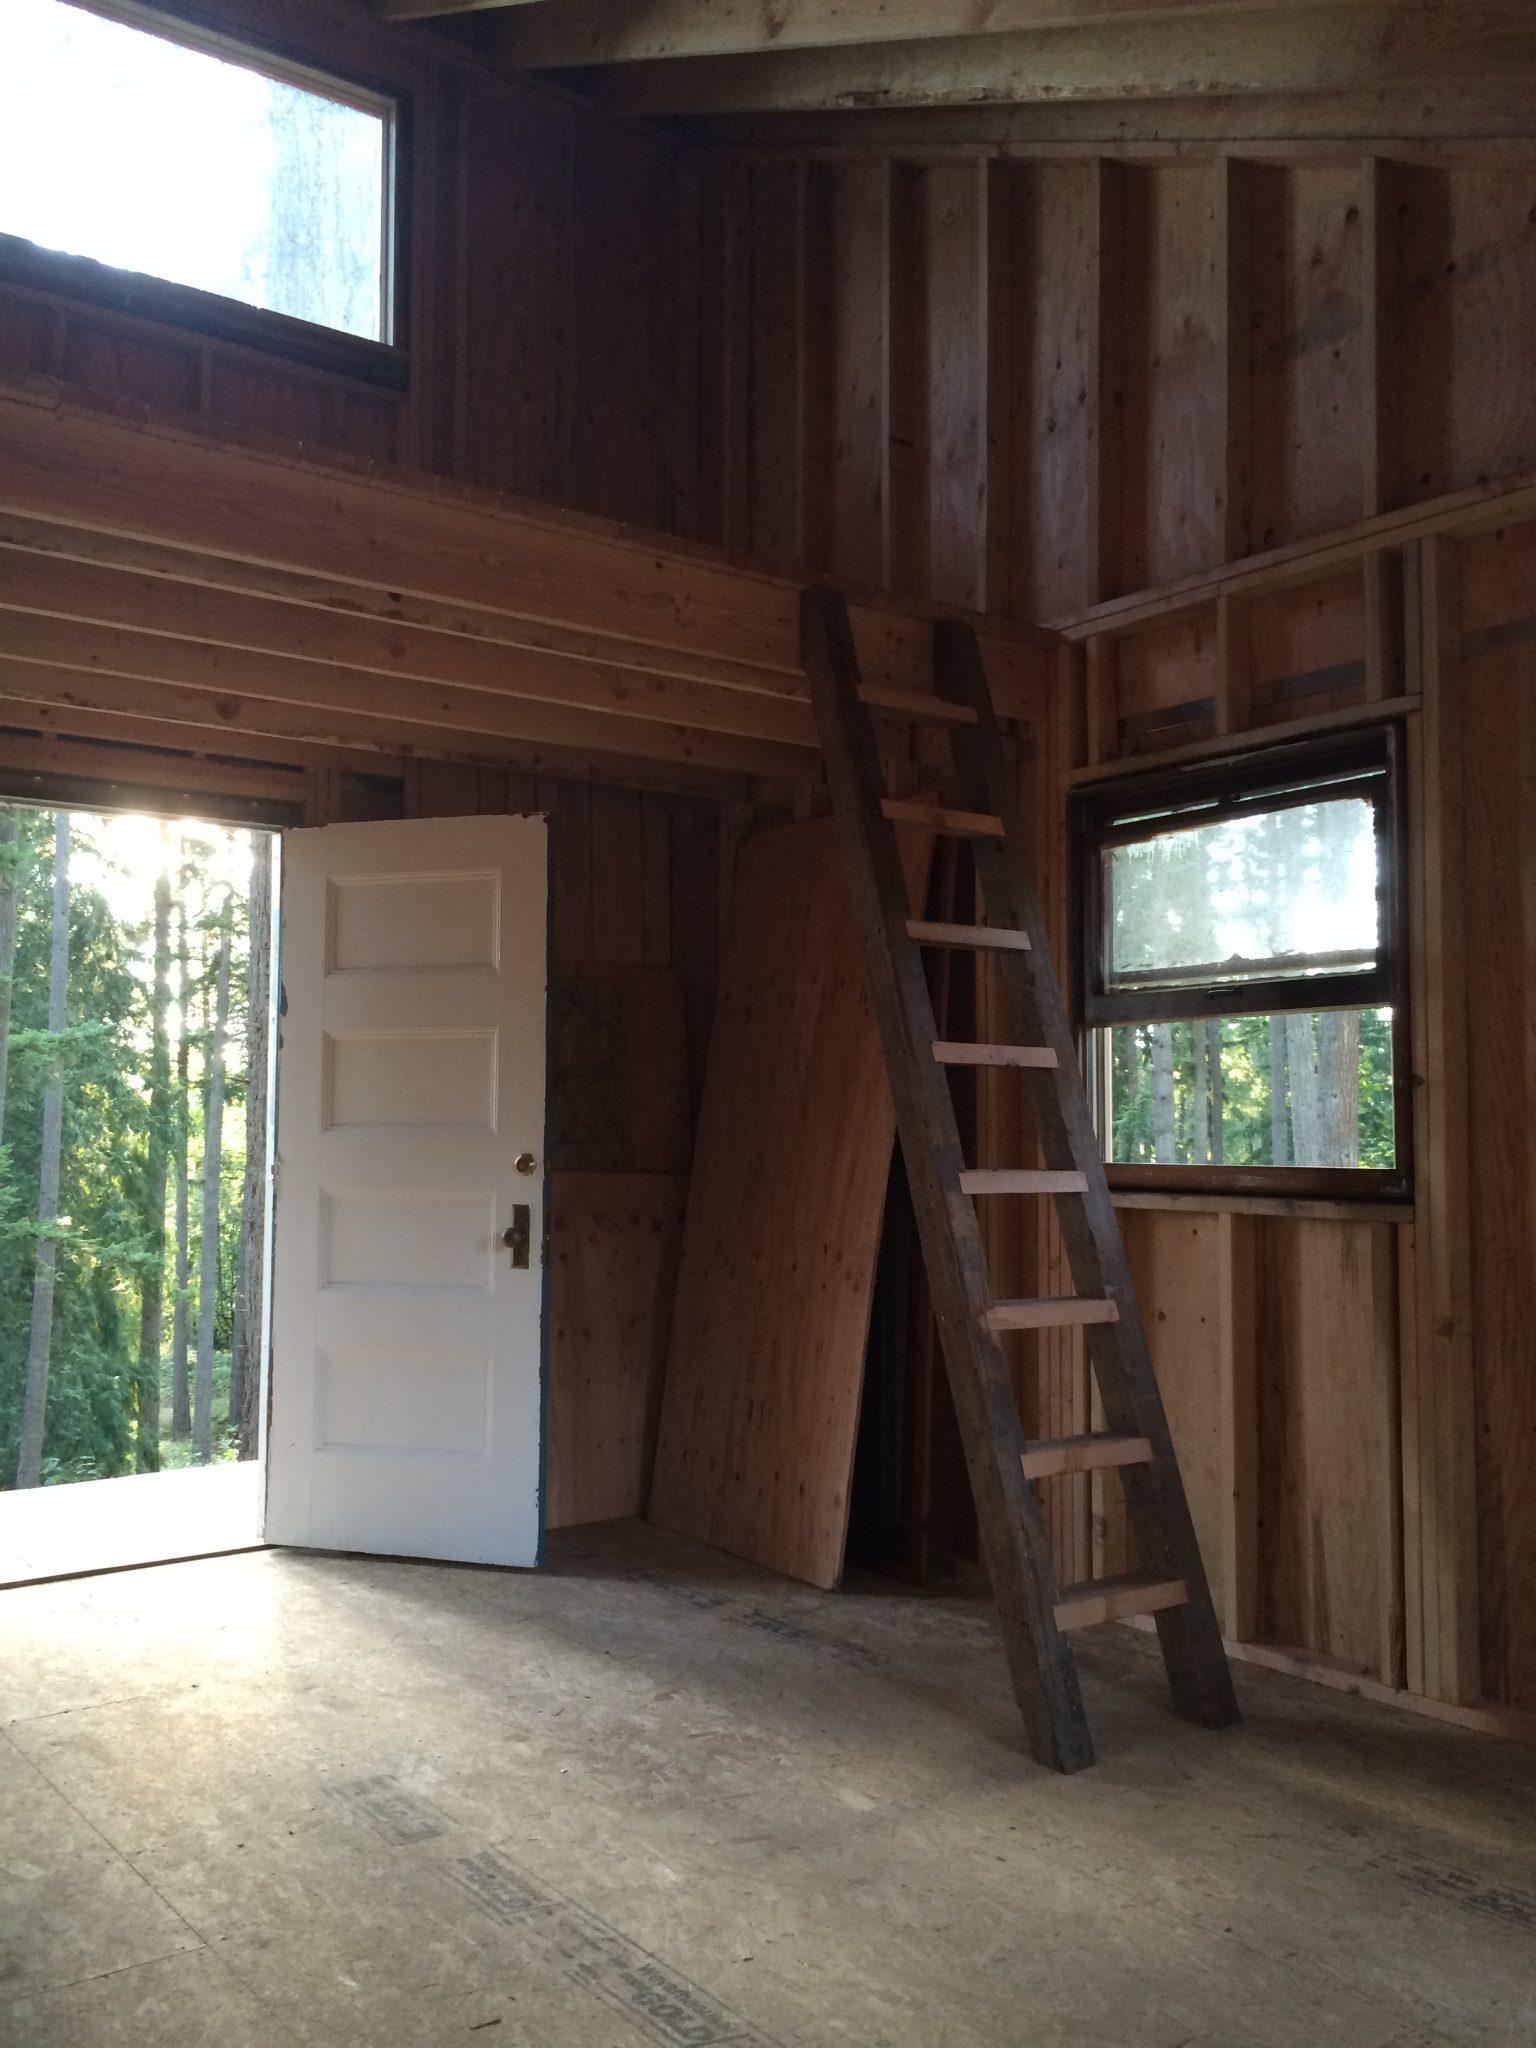 6 day cabin